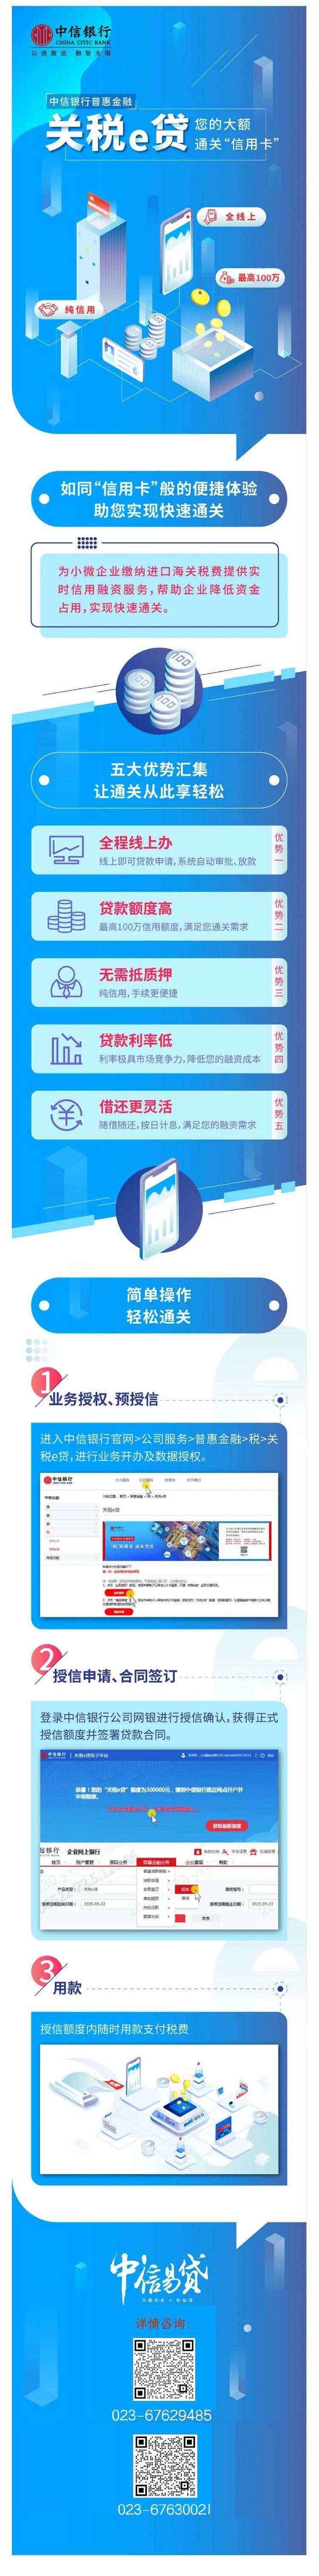 周六长图(2).jpg